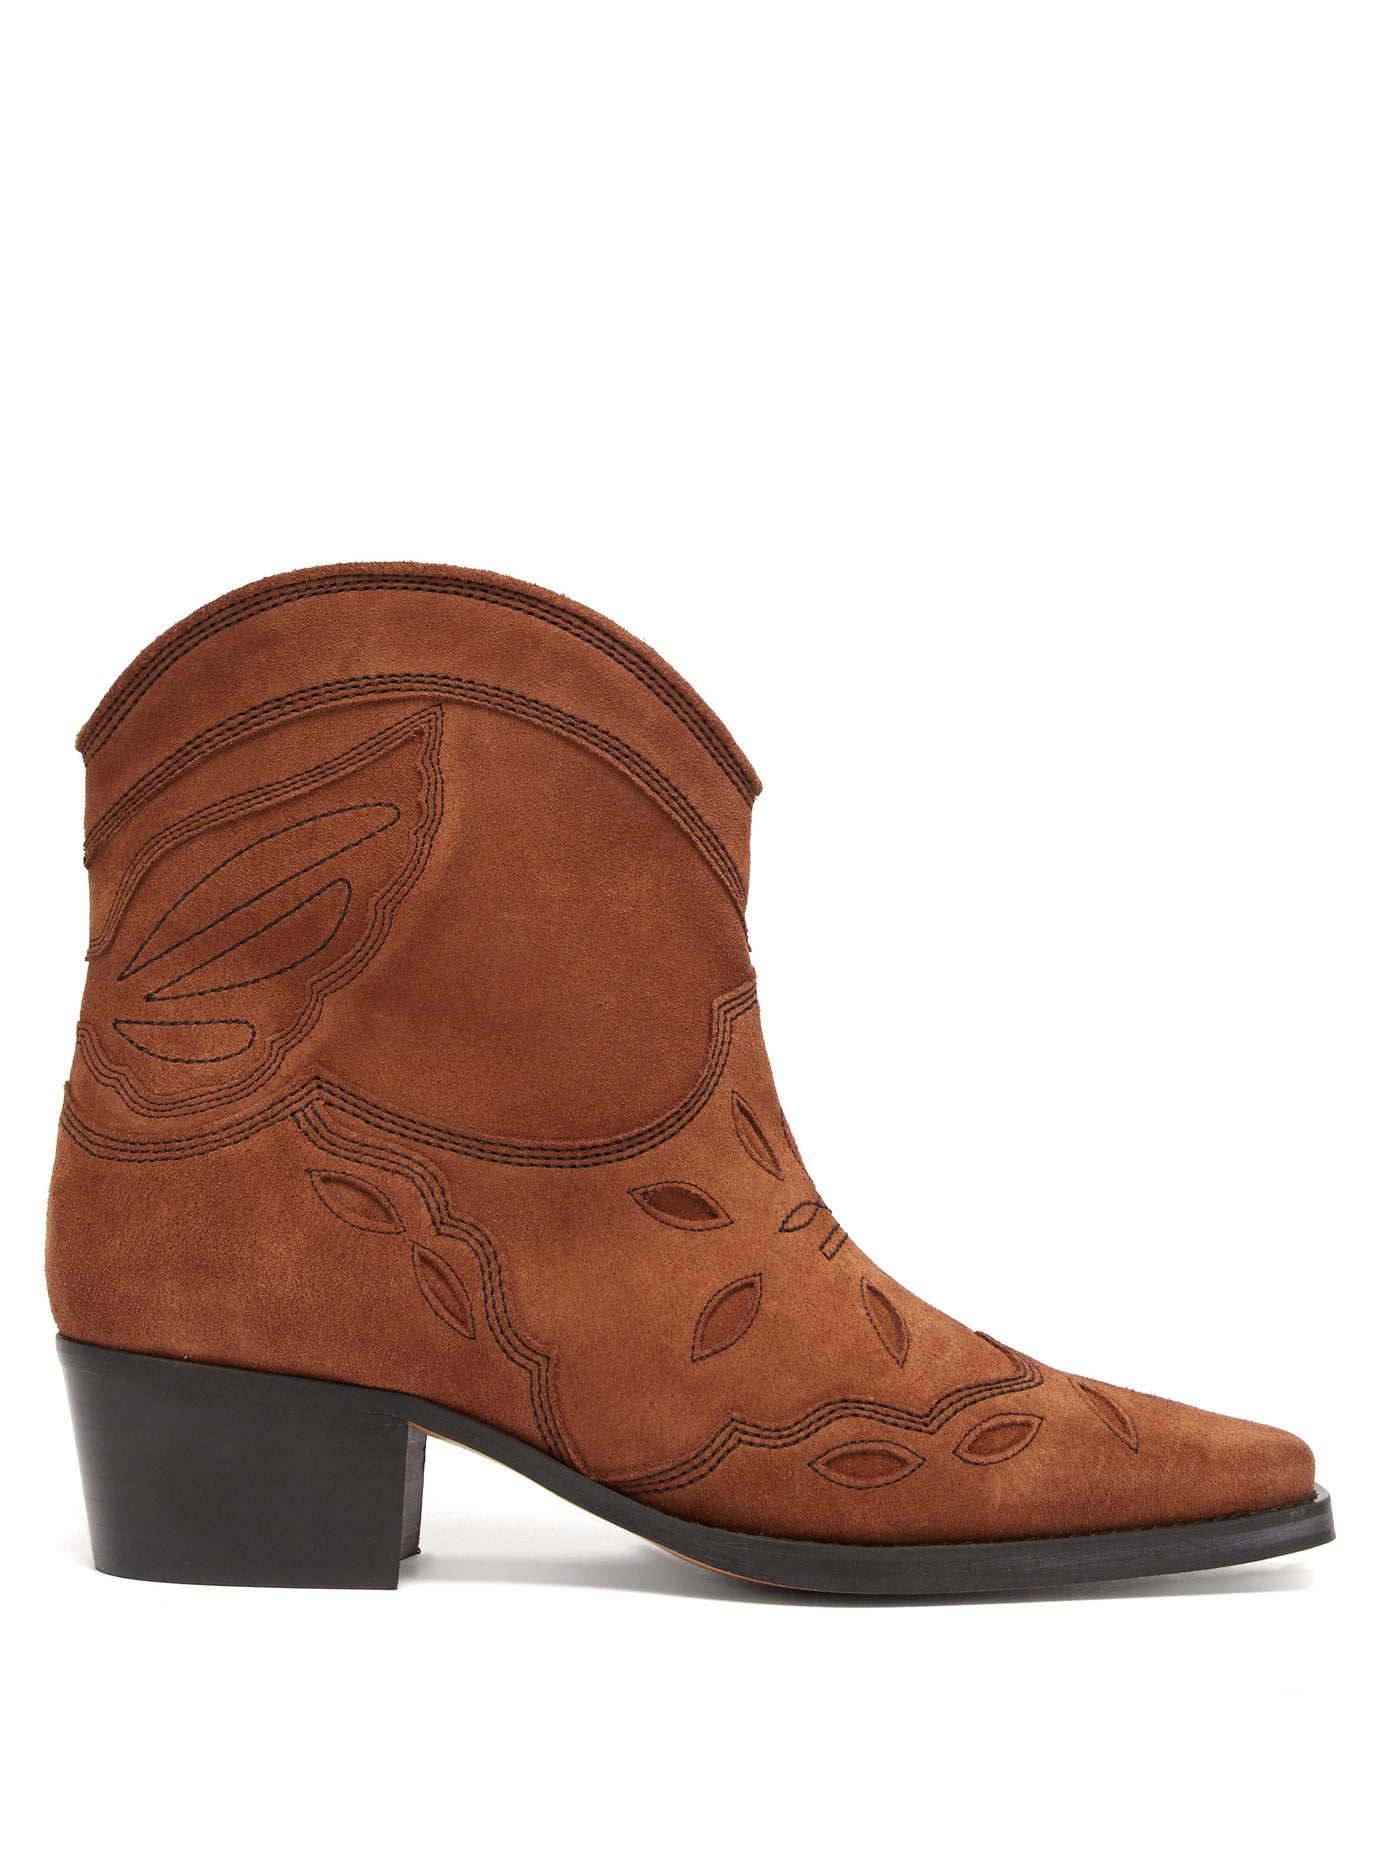 stormi webster cowboy boot